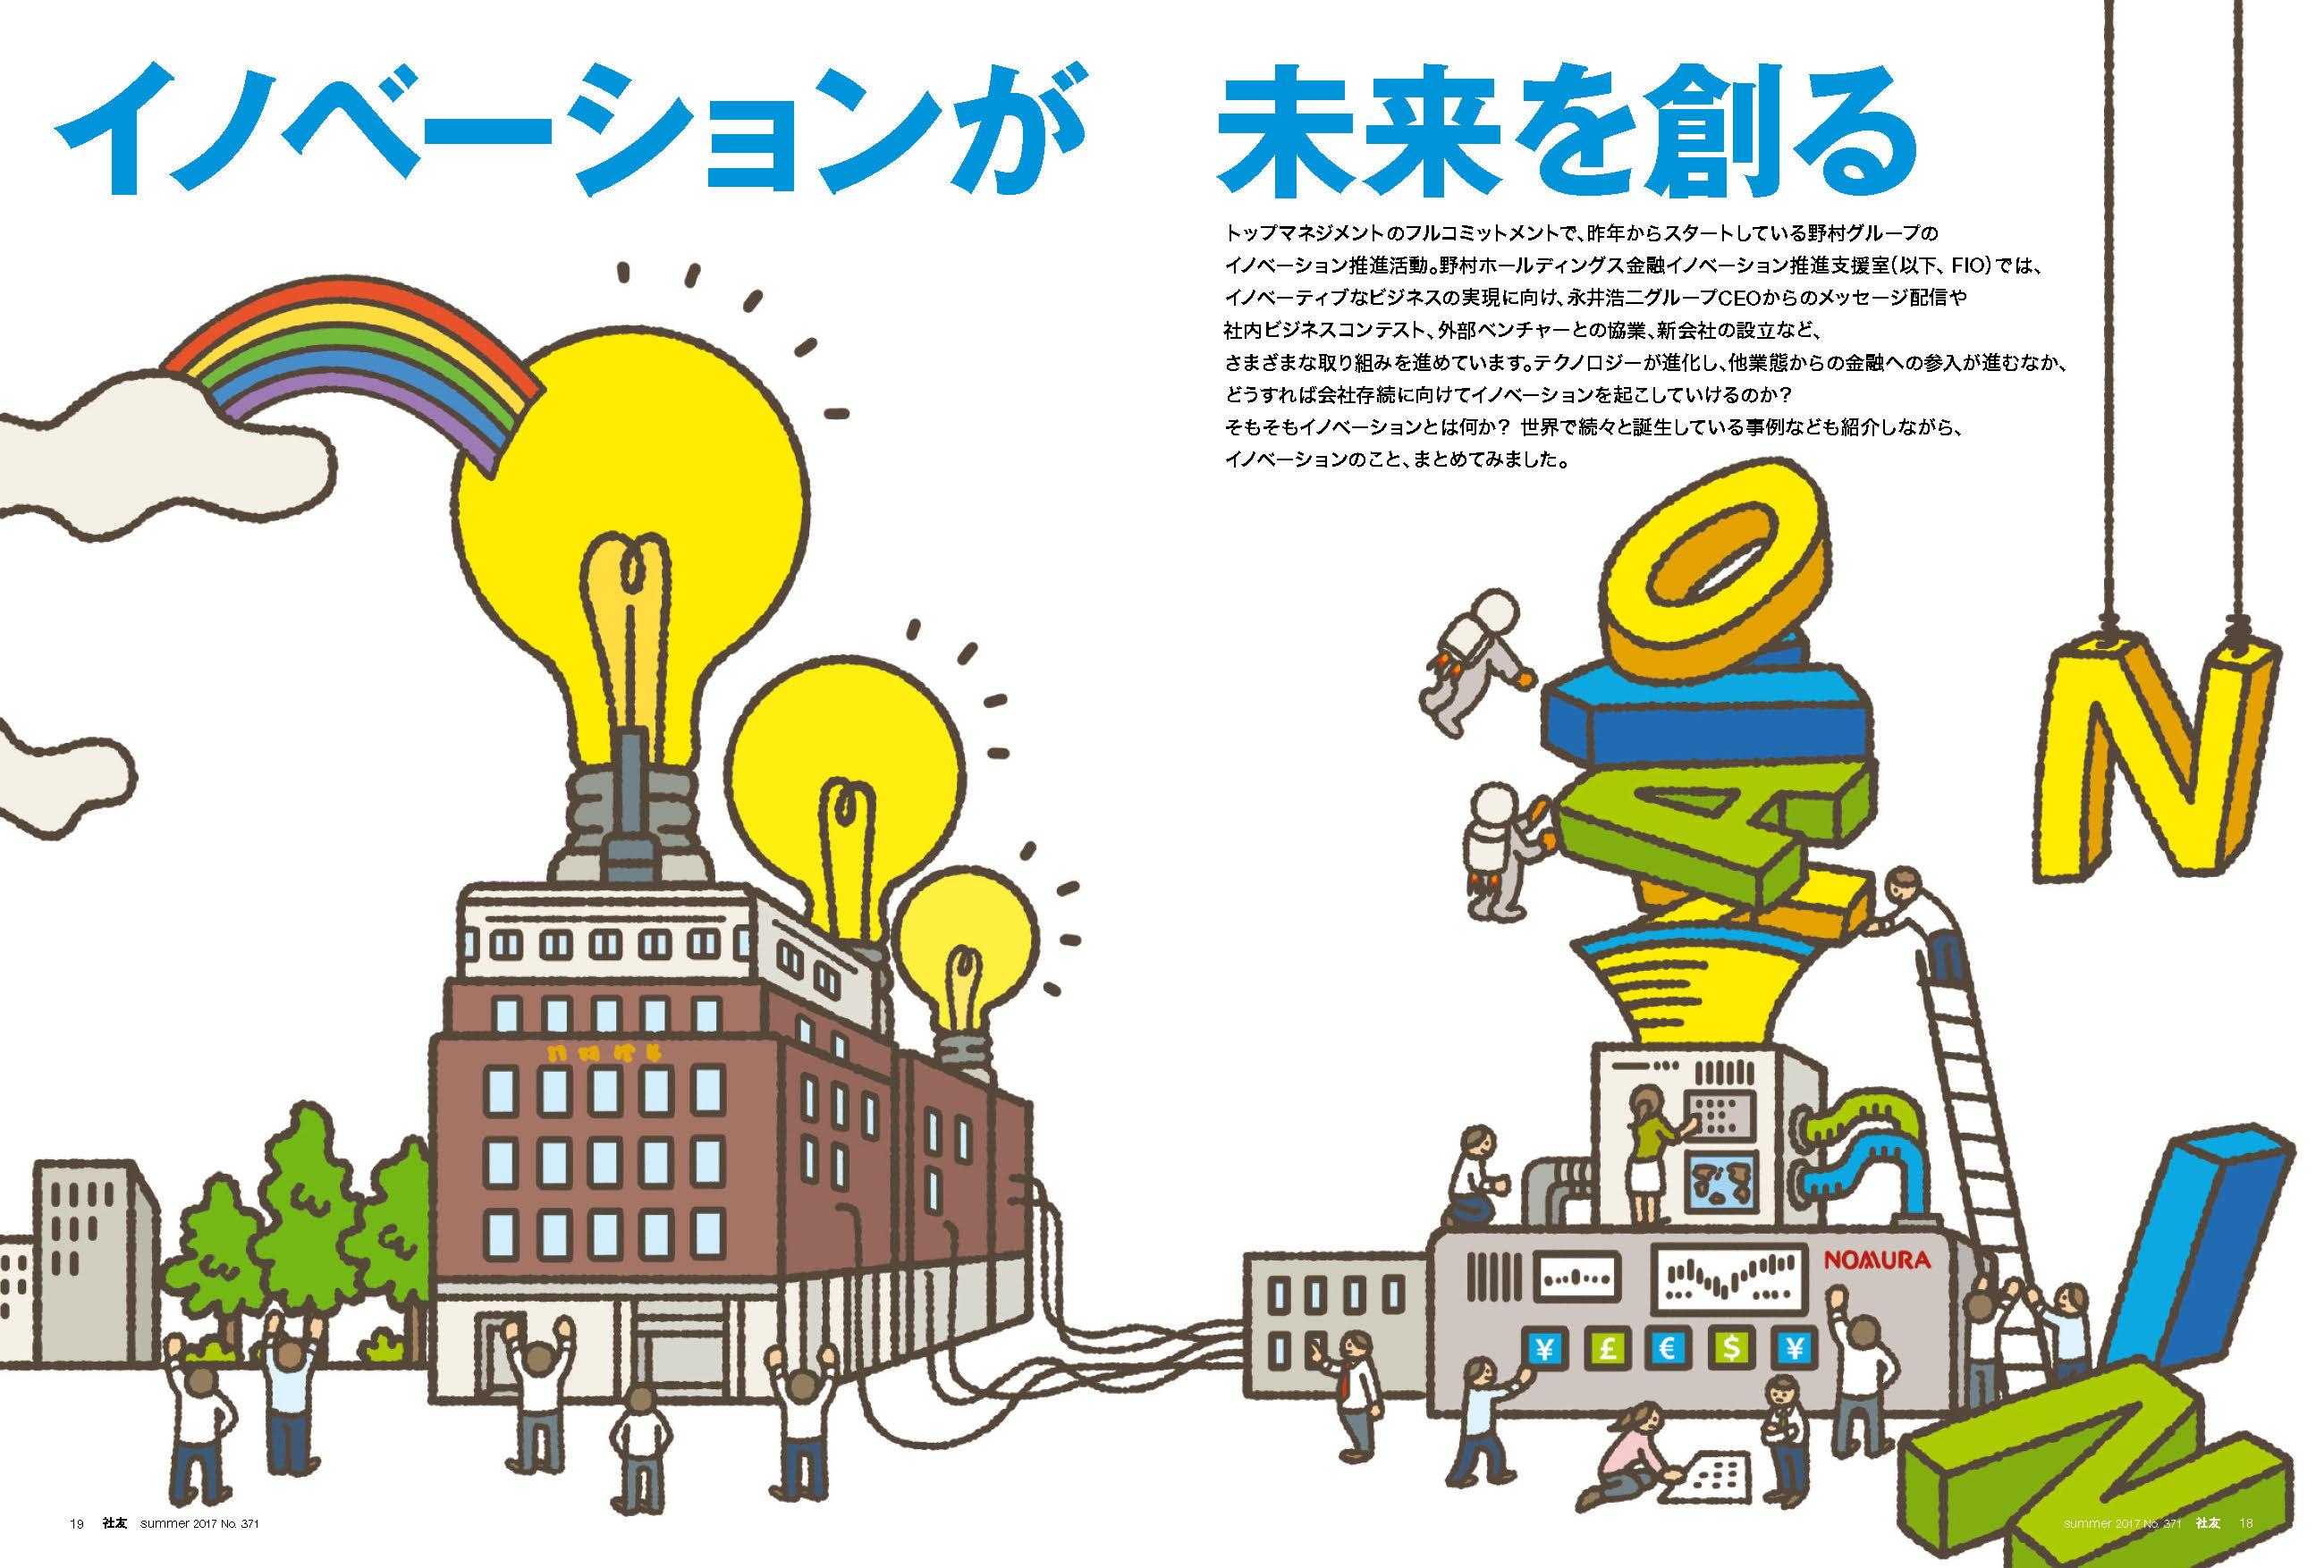 もう一つのゴールド賞作品「イノベーションが未来を創る」